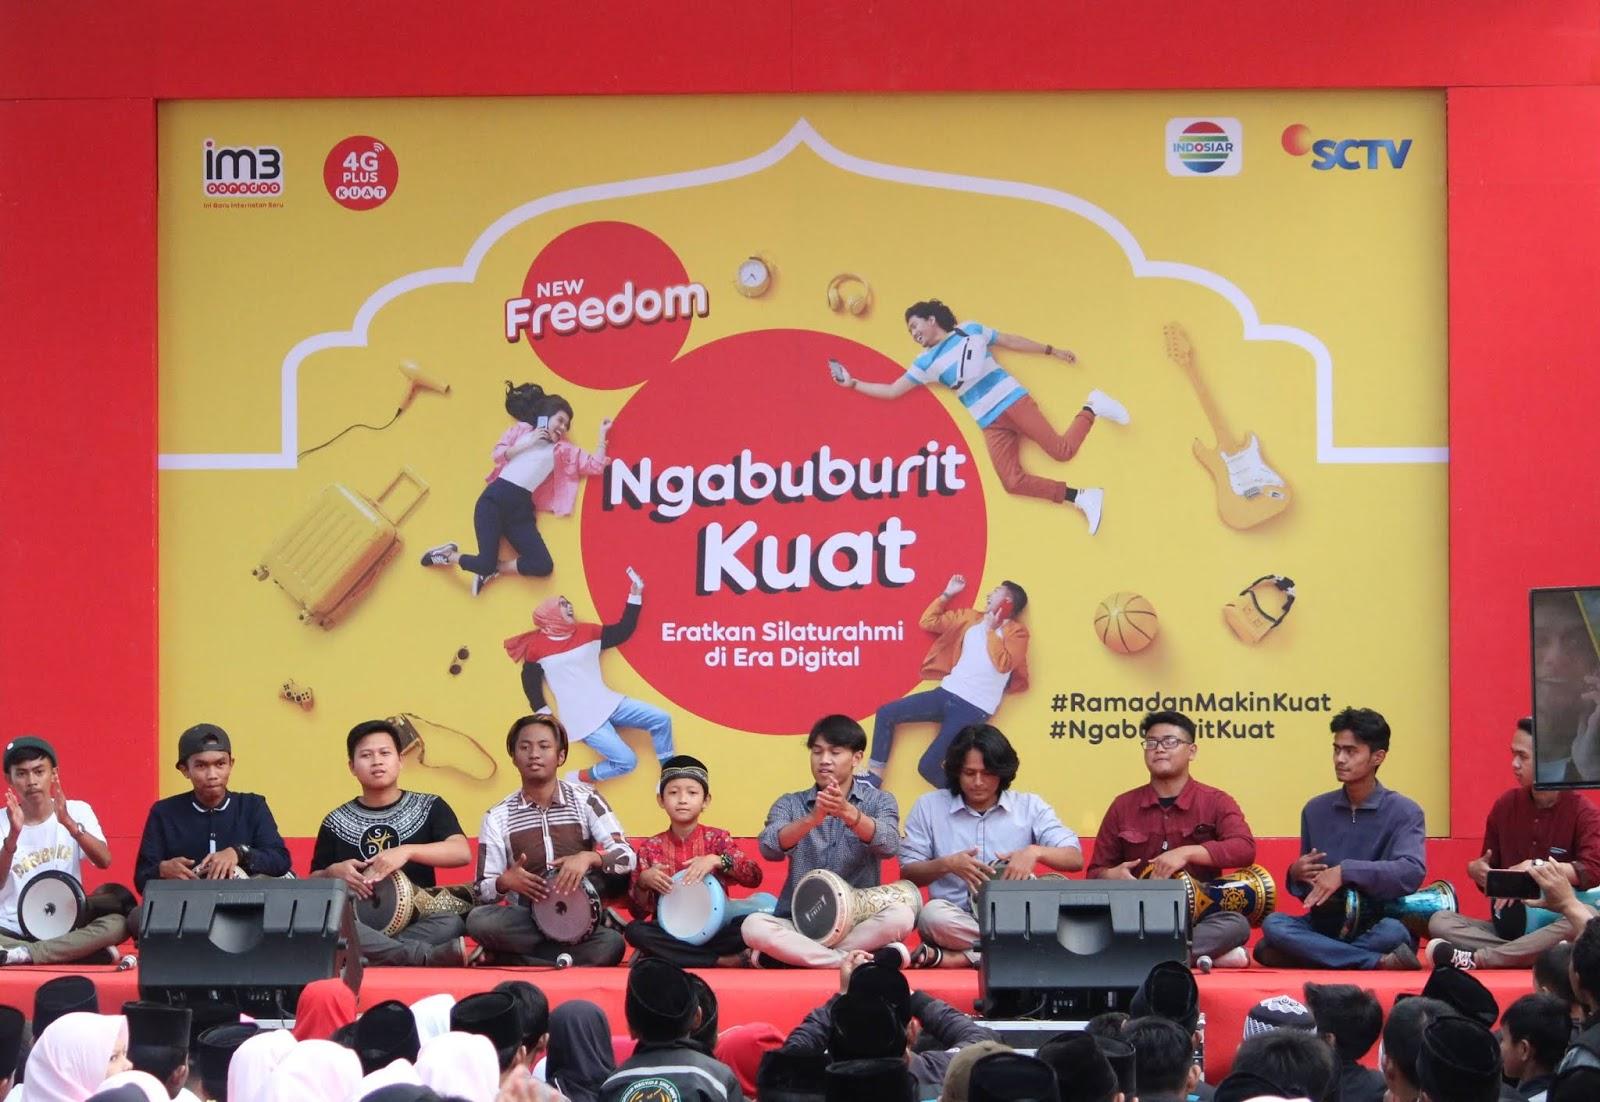 Ngabuburit Kuat Bareng IM3 Ooredoo di Masjid Pusdai Bandung